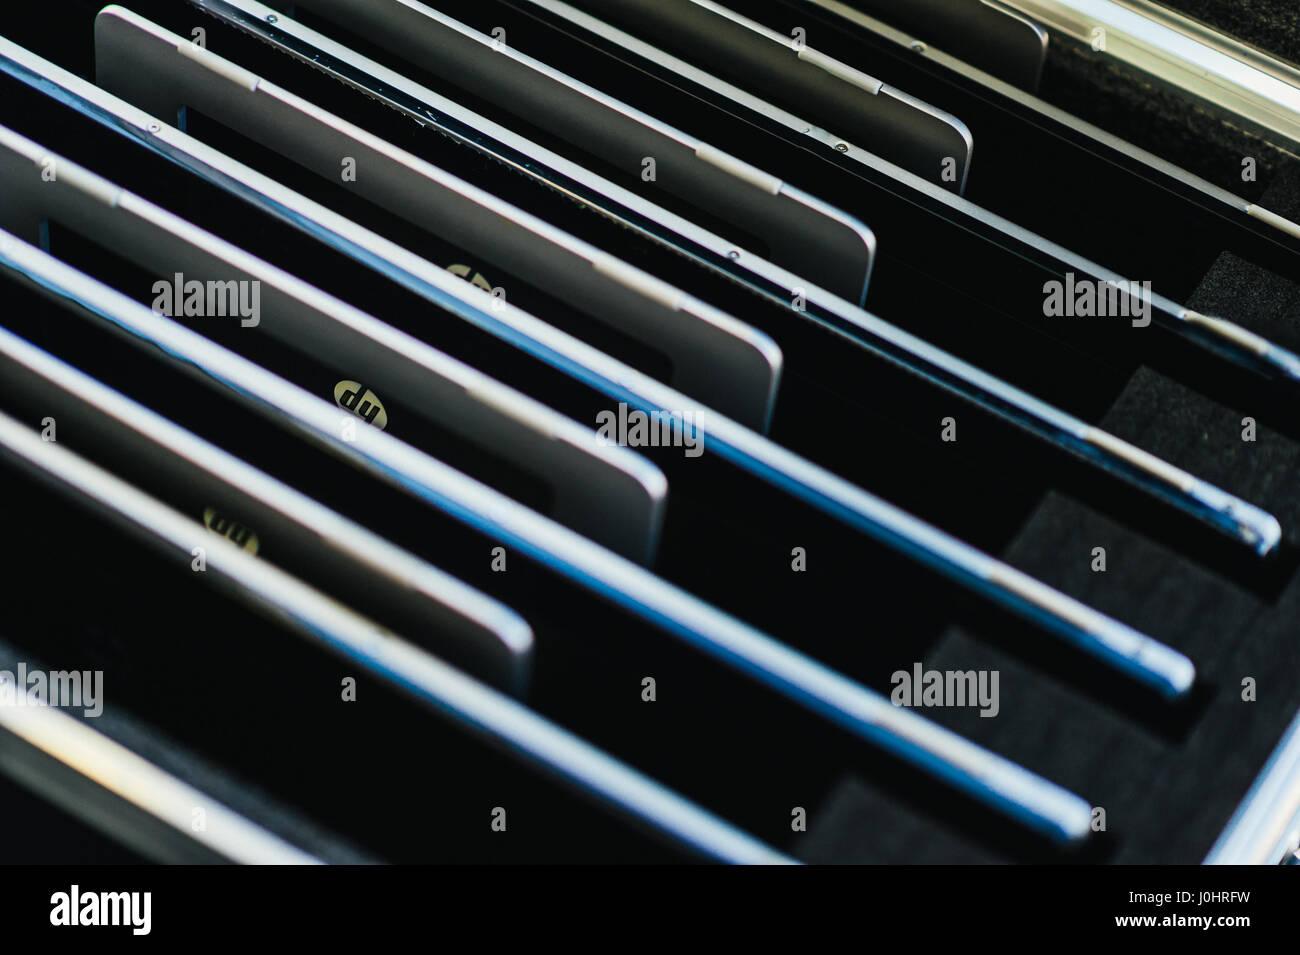 Box von Hewlett-Packard PC-Bildschirme Stockbild